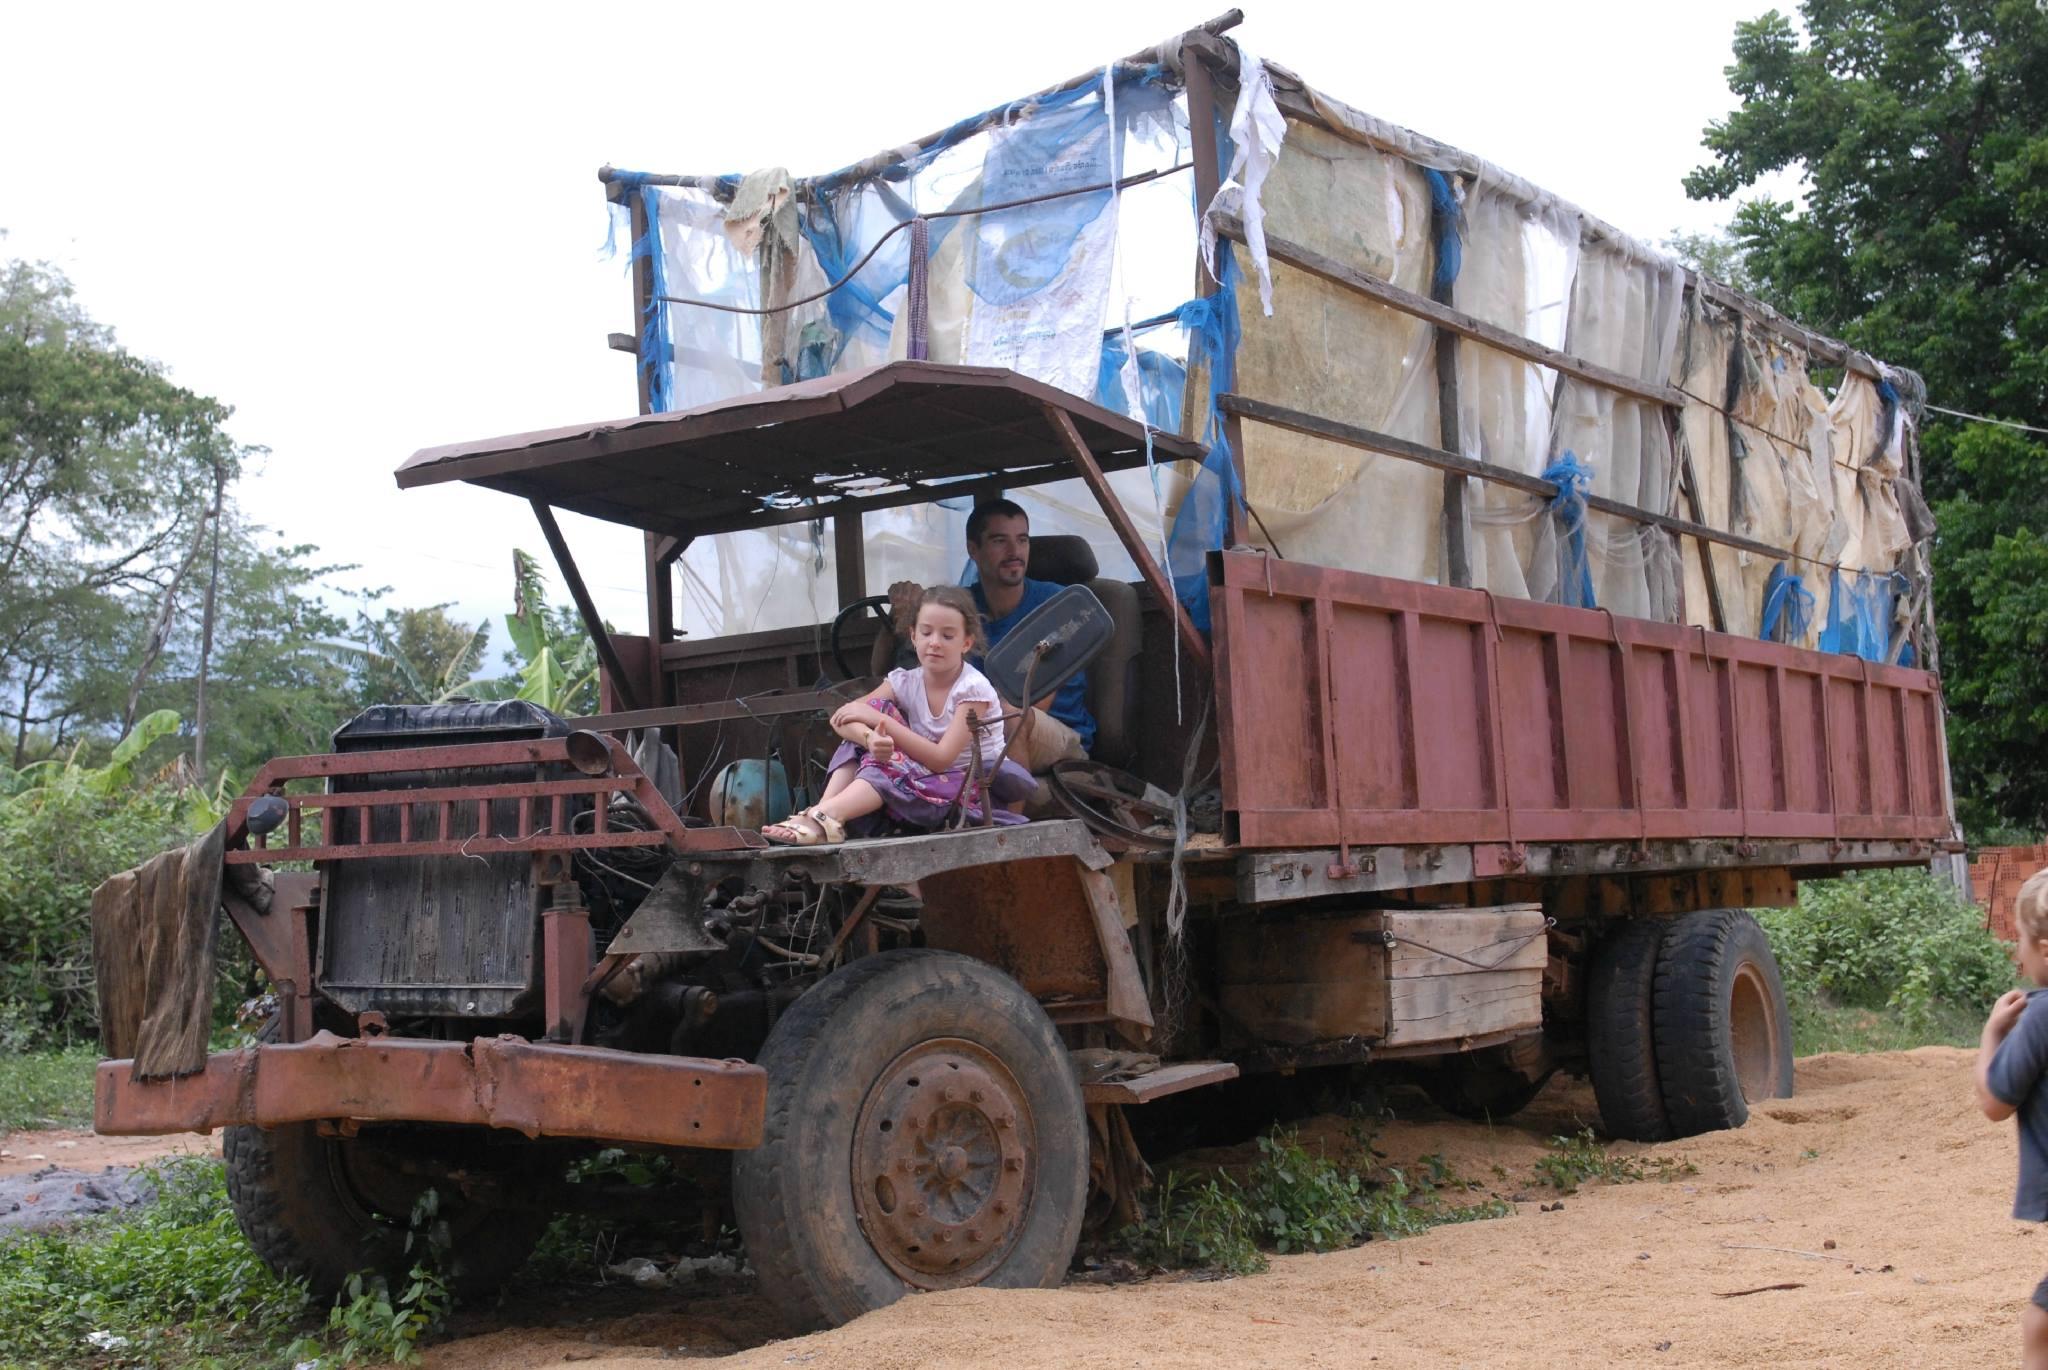 Cambodja---vrachtwagen-nog-in-gebruik--30-3-2019--2